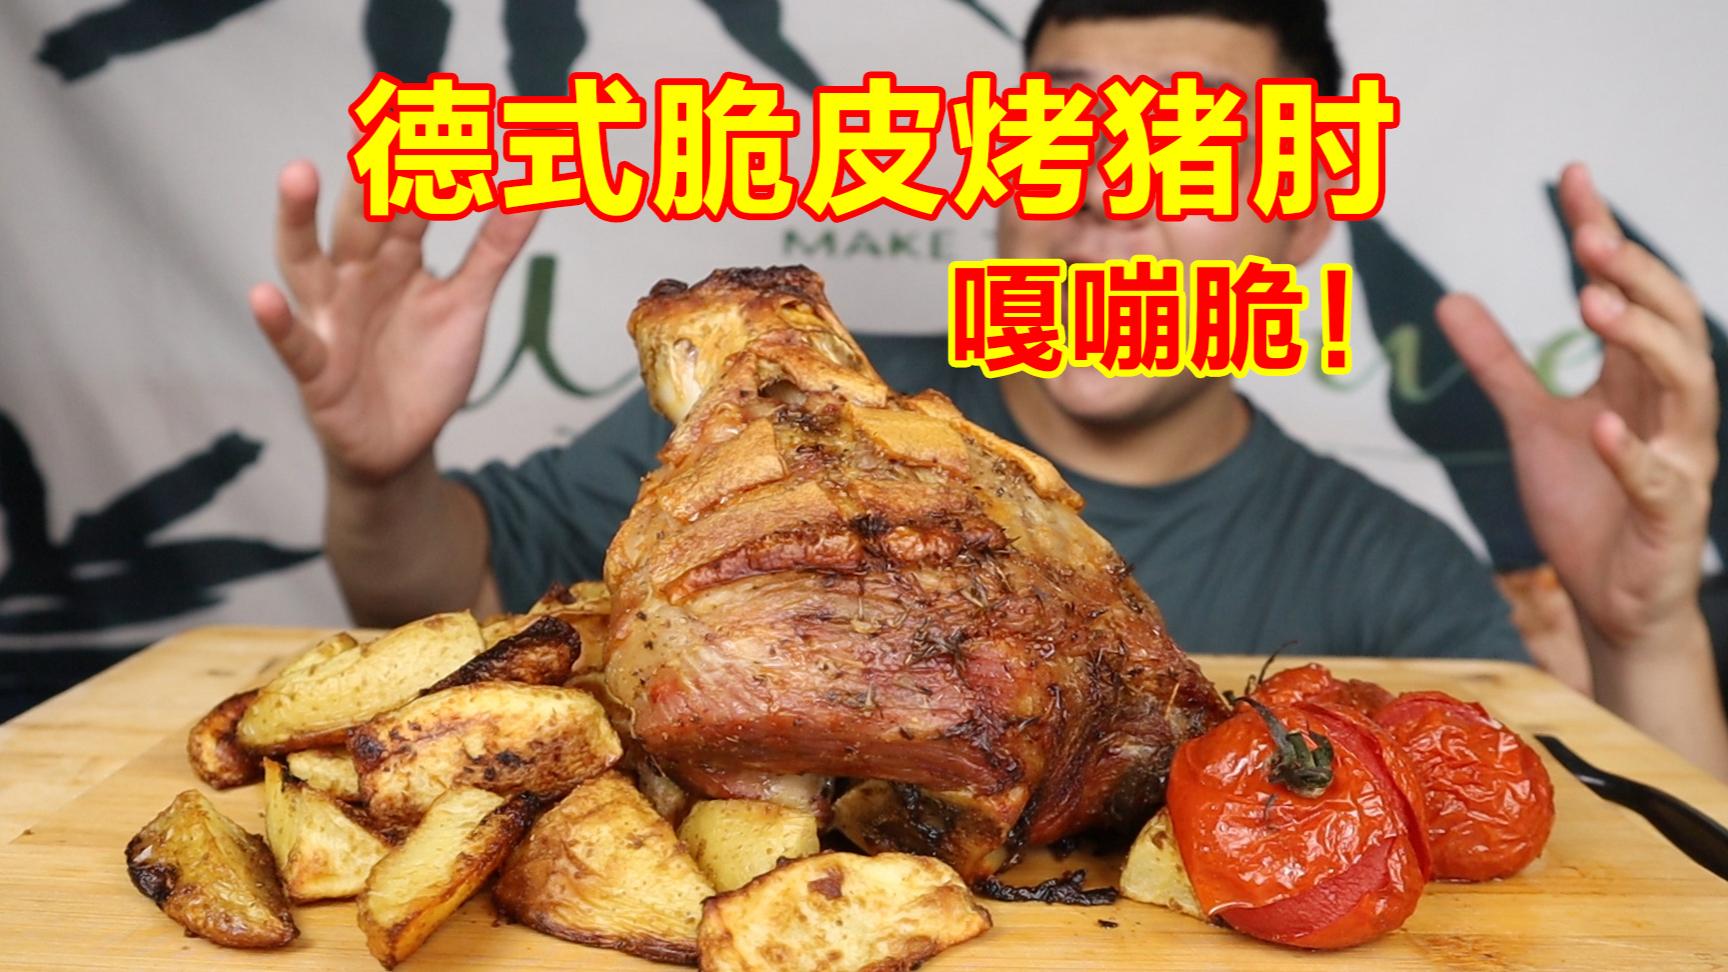 2斤猪肘子烤制3小时,自制德式脆皮烤猪肘,滋滋冒油嘎嘣脆!